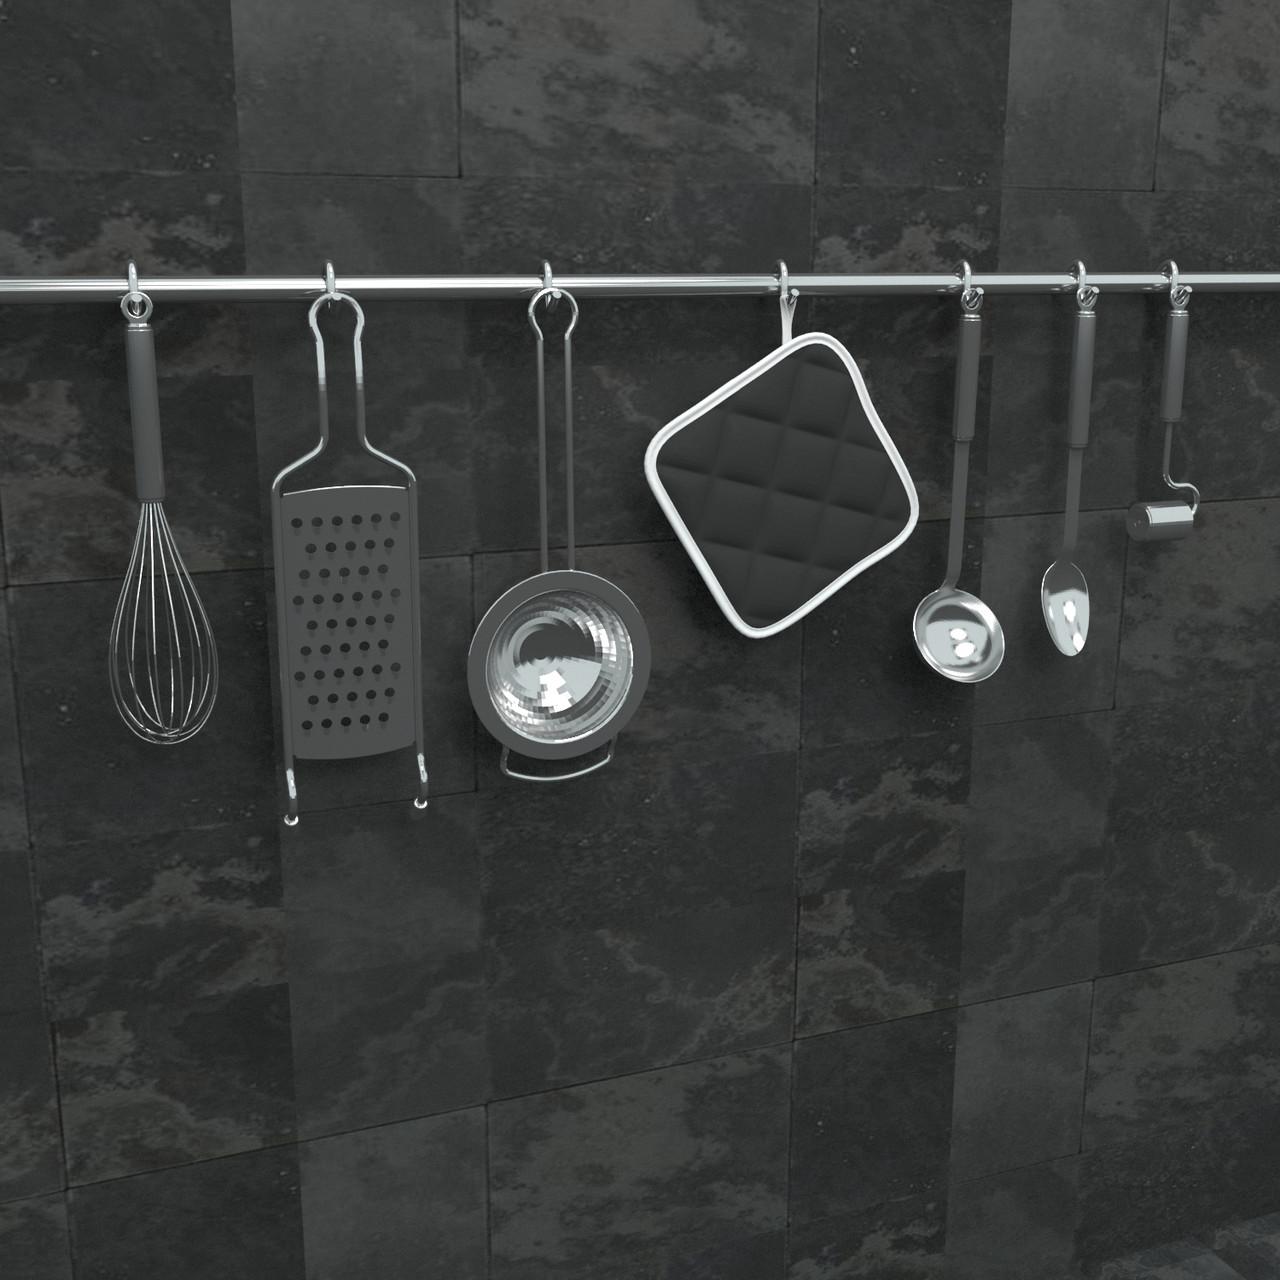 Подвеска 🏠 на кухню для дома и кухни